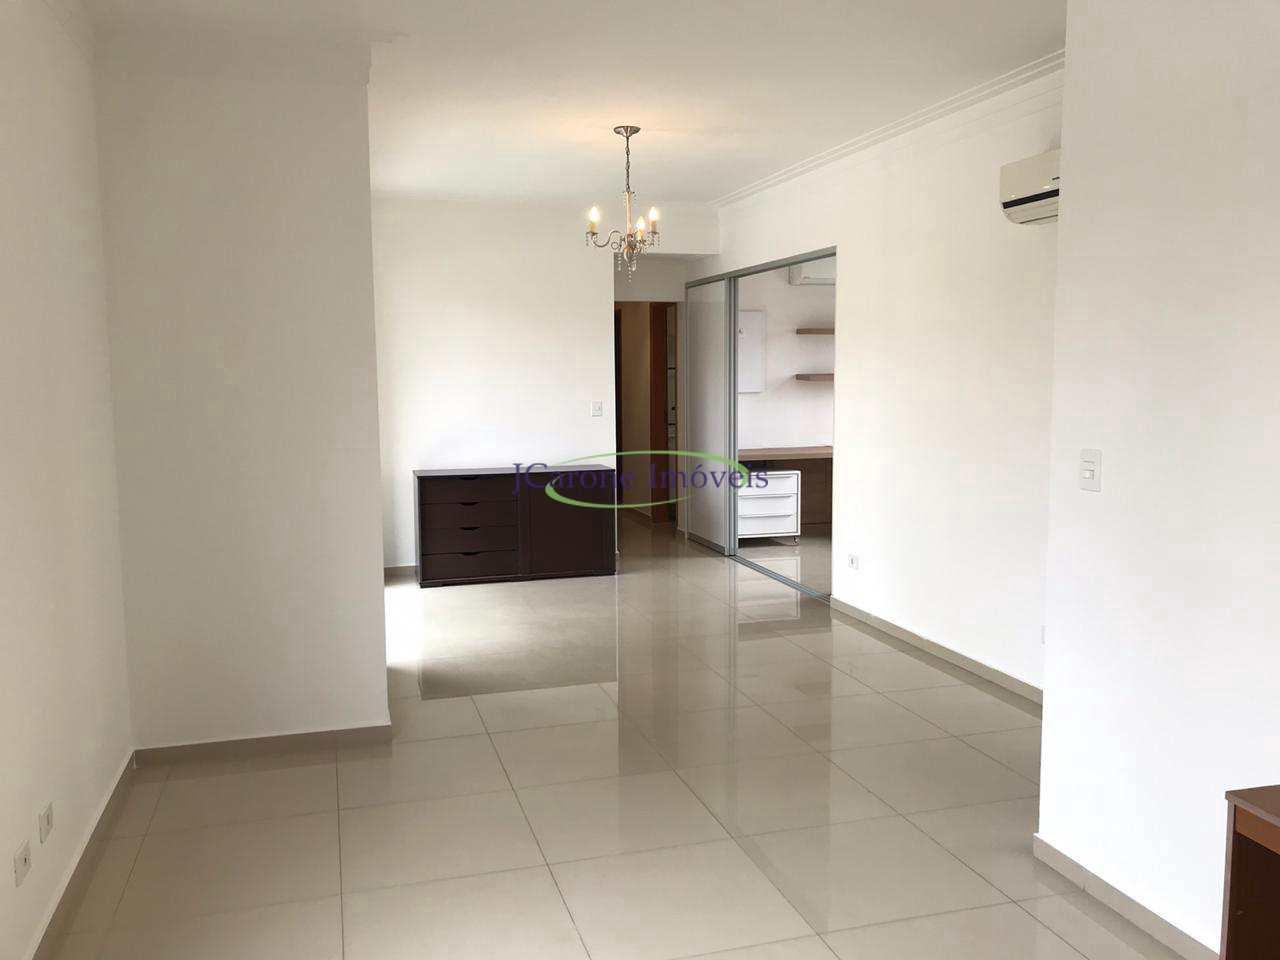 Apartamento com 3 dorms, Boqueirão, Santos - R$ 778 mil, Cod: 64152574